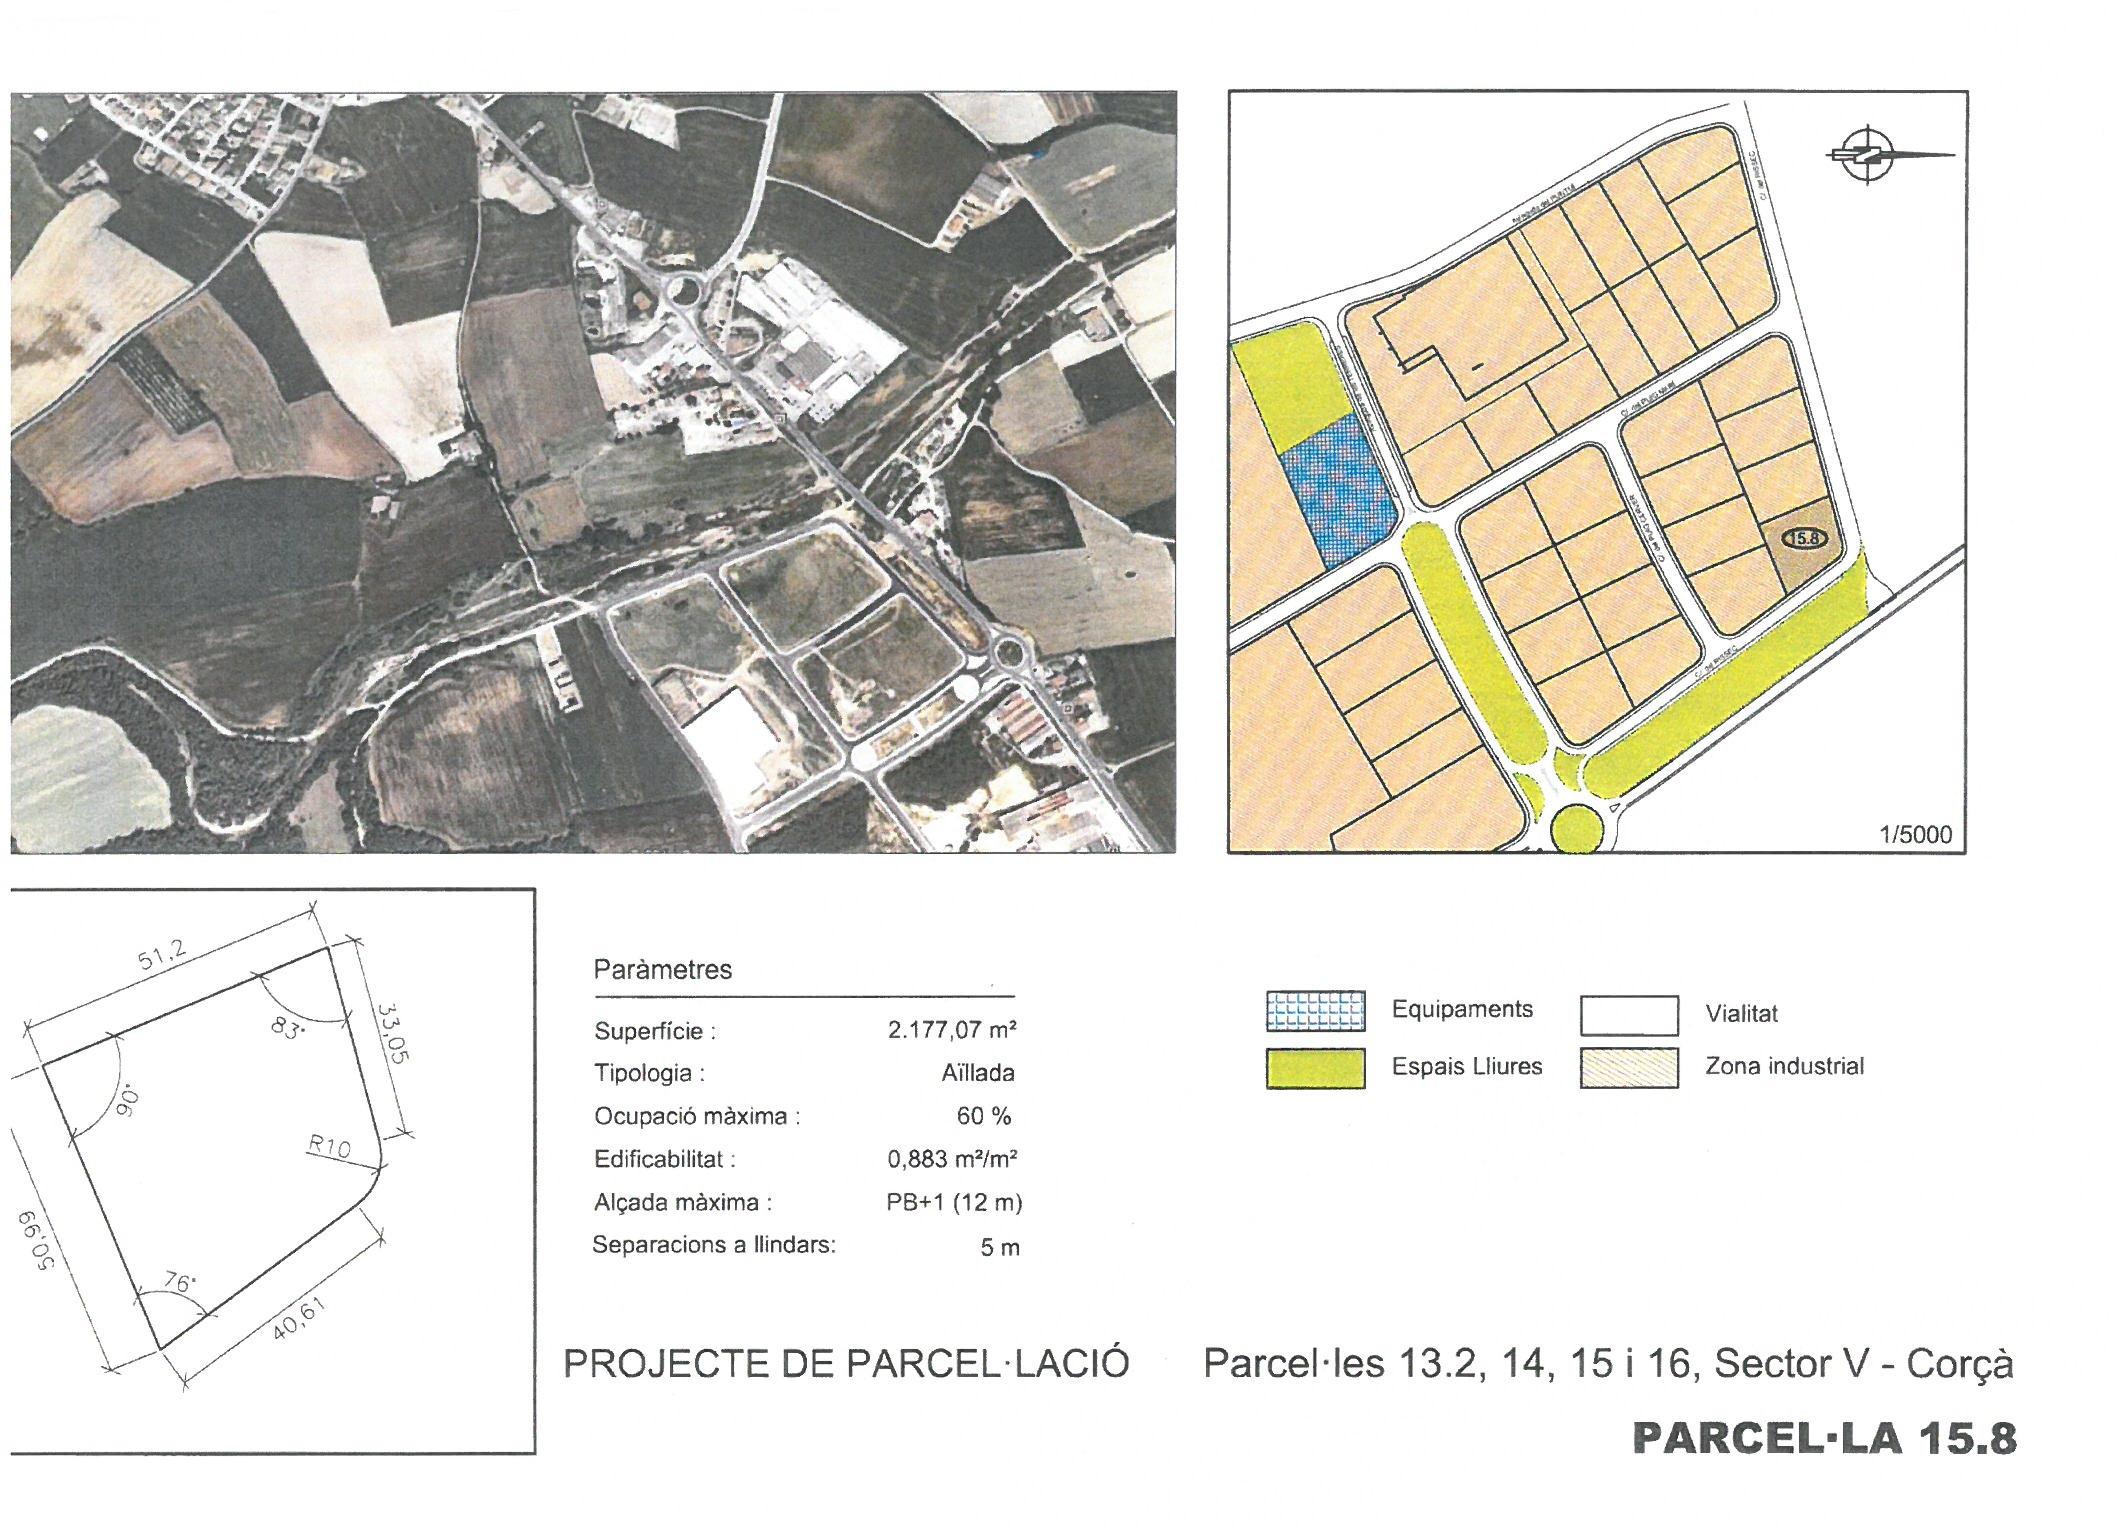 Terme municipal de Corcà, parcel•la 15.8